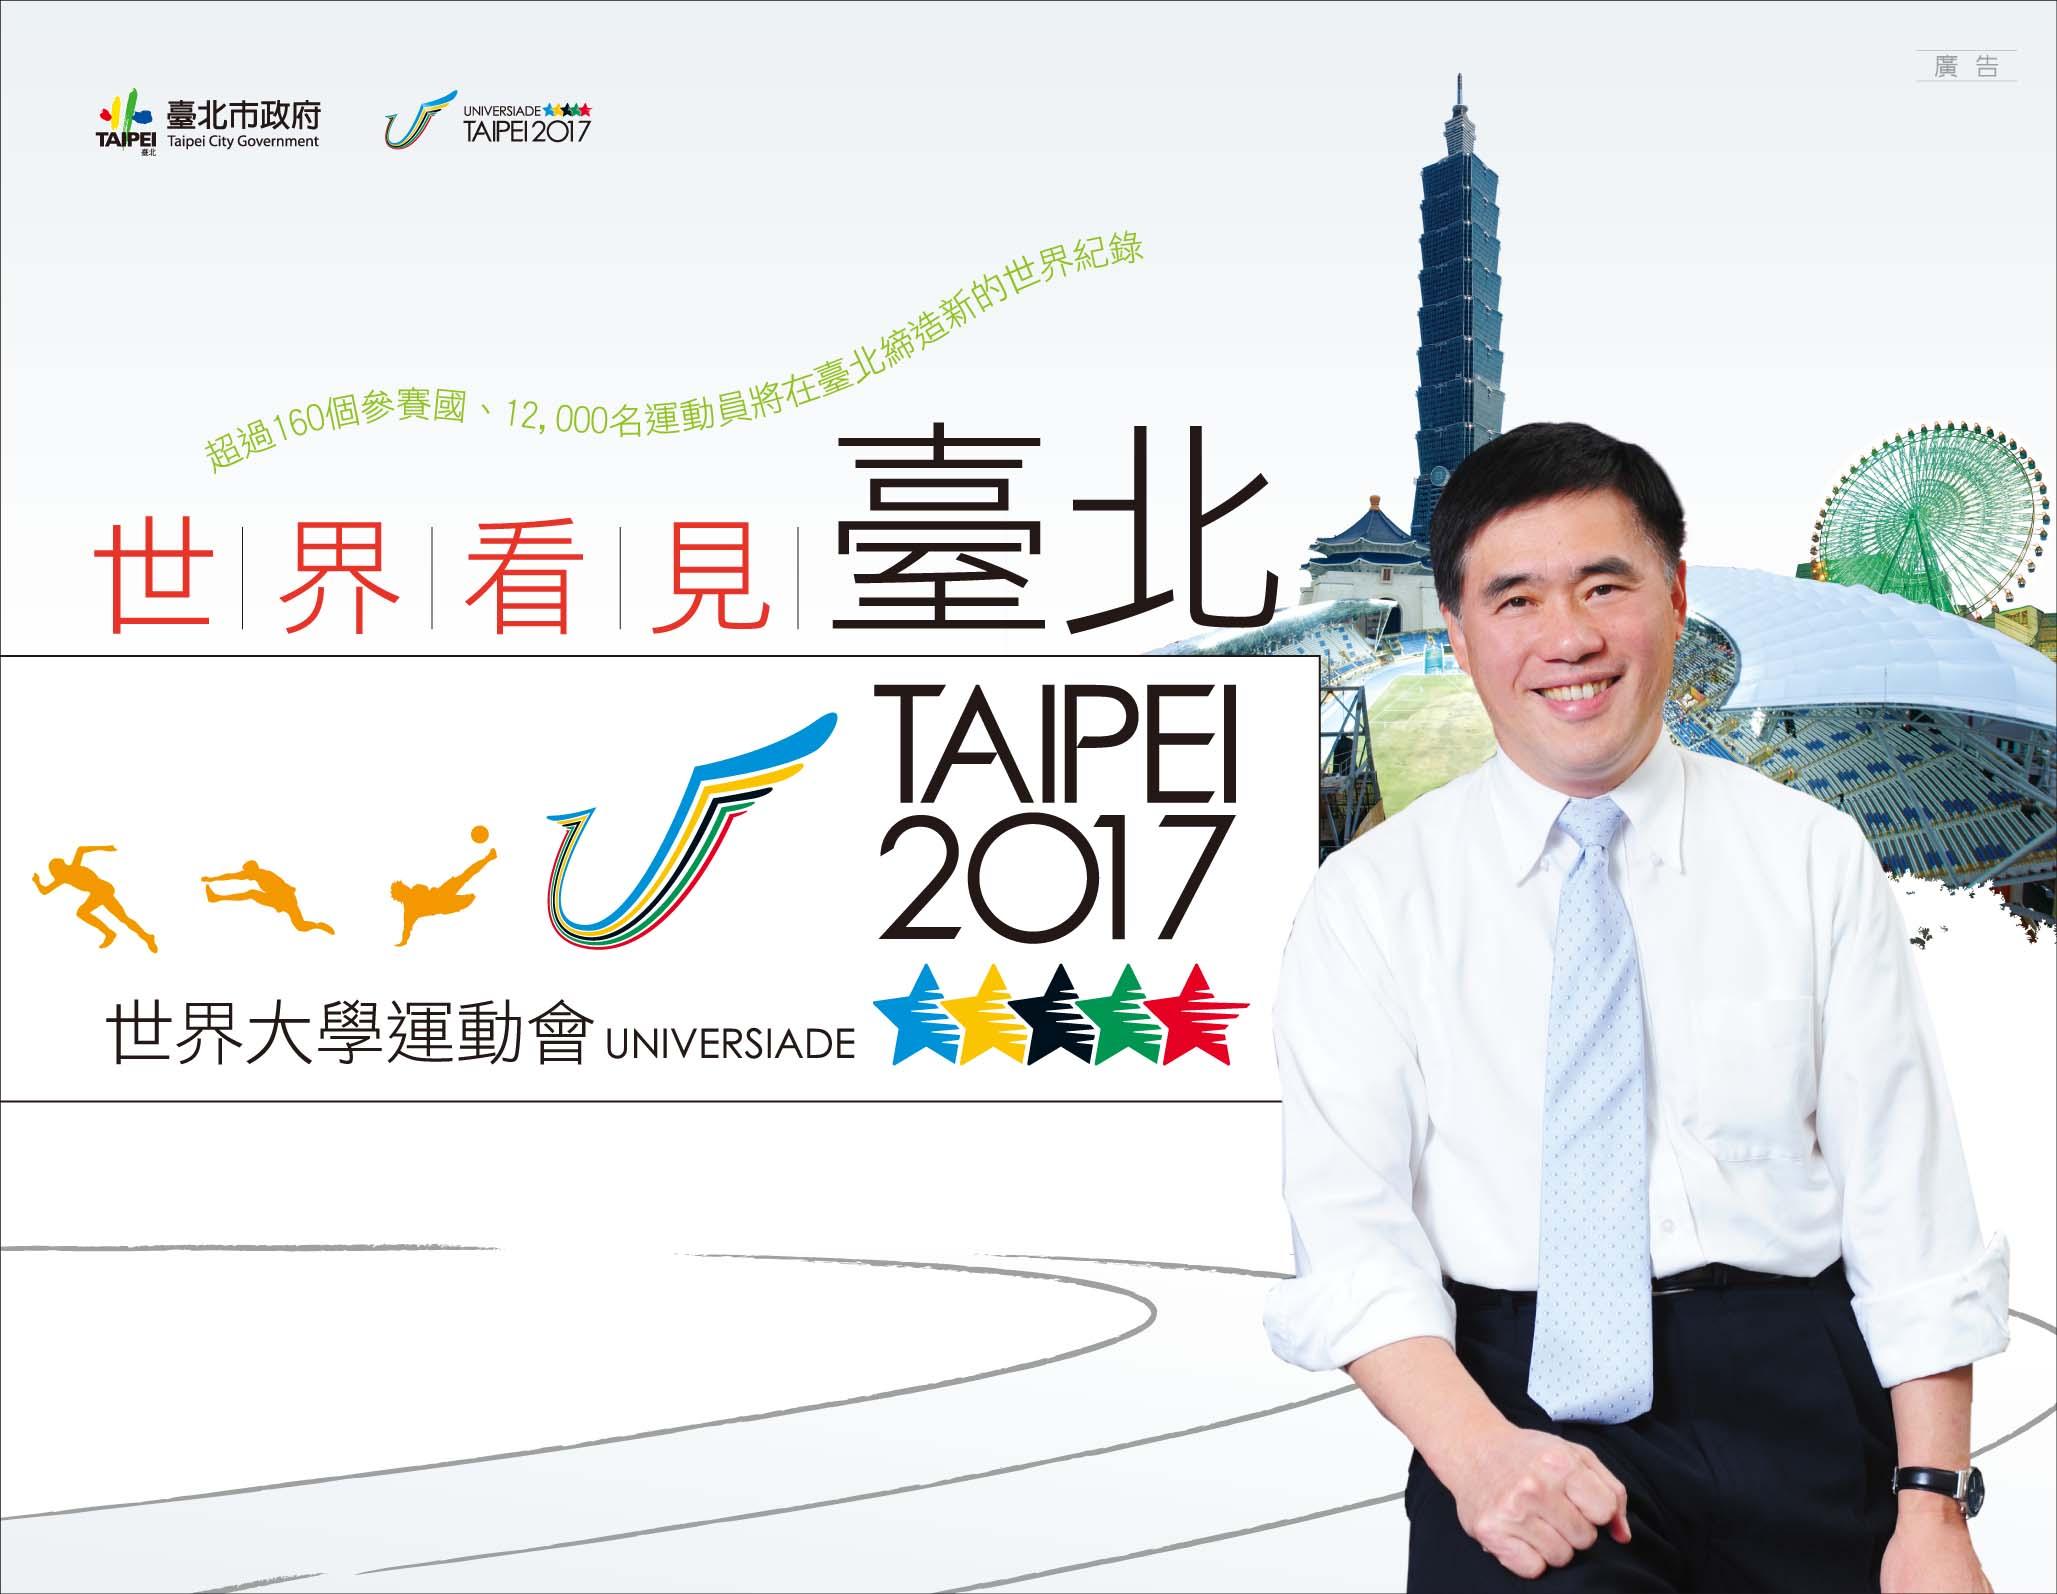 2017世界大學運動會-看見臺北